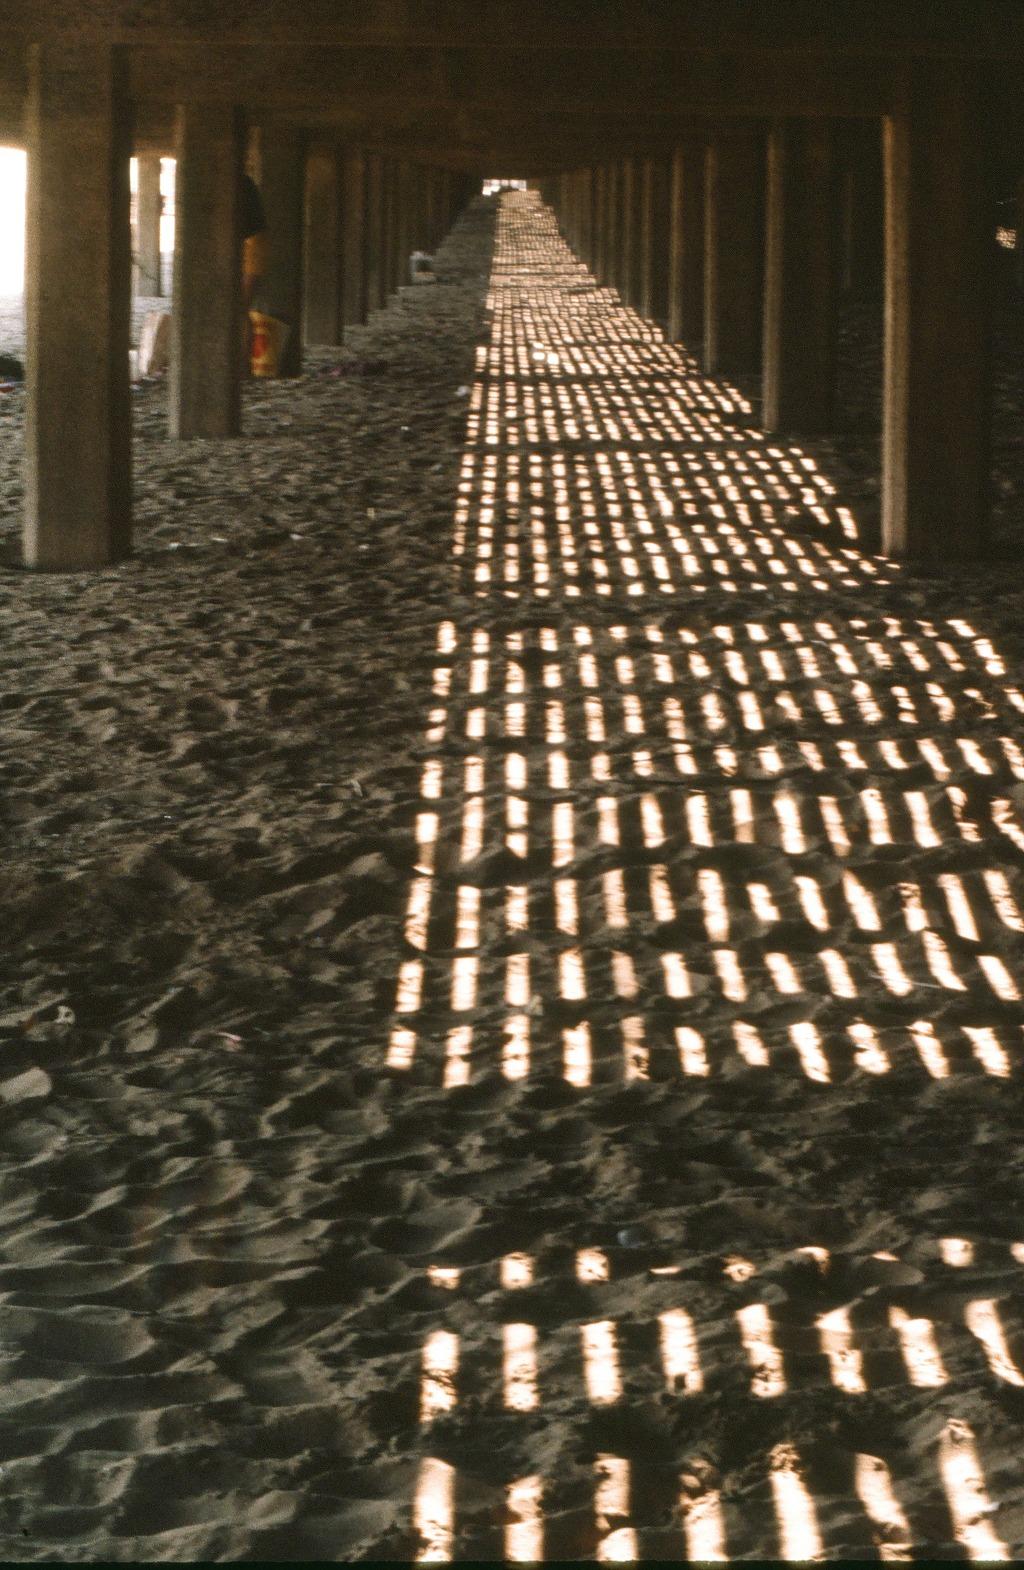 Under the Boardwalk: Richter